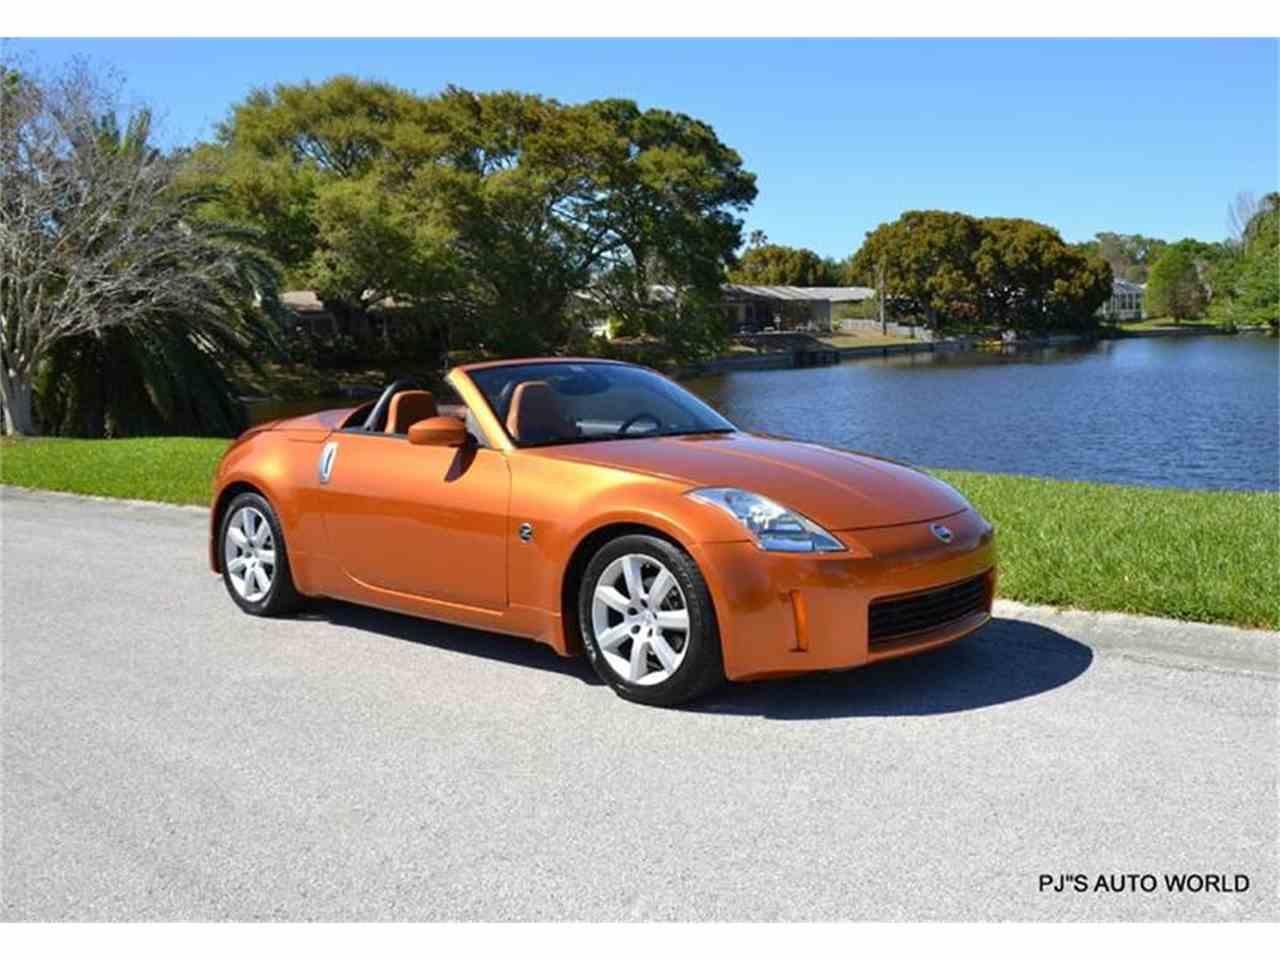 2005 Nissan 350Z for Sale | ClassicCars.com | CC-972134